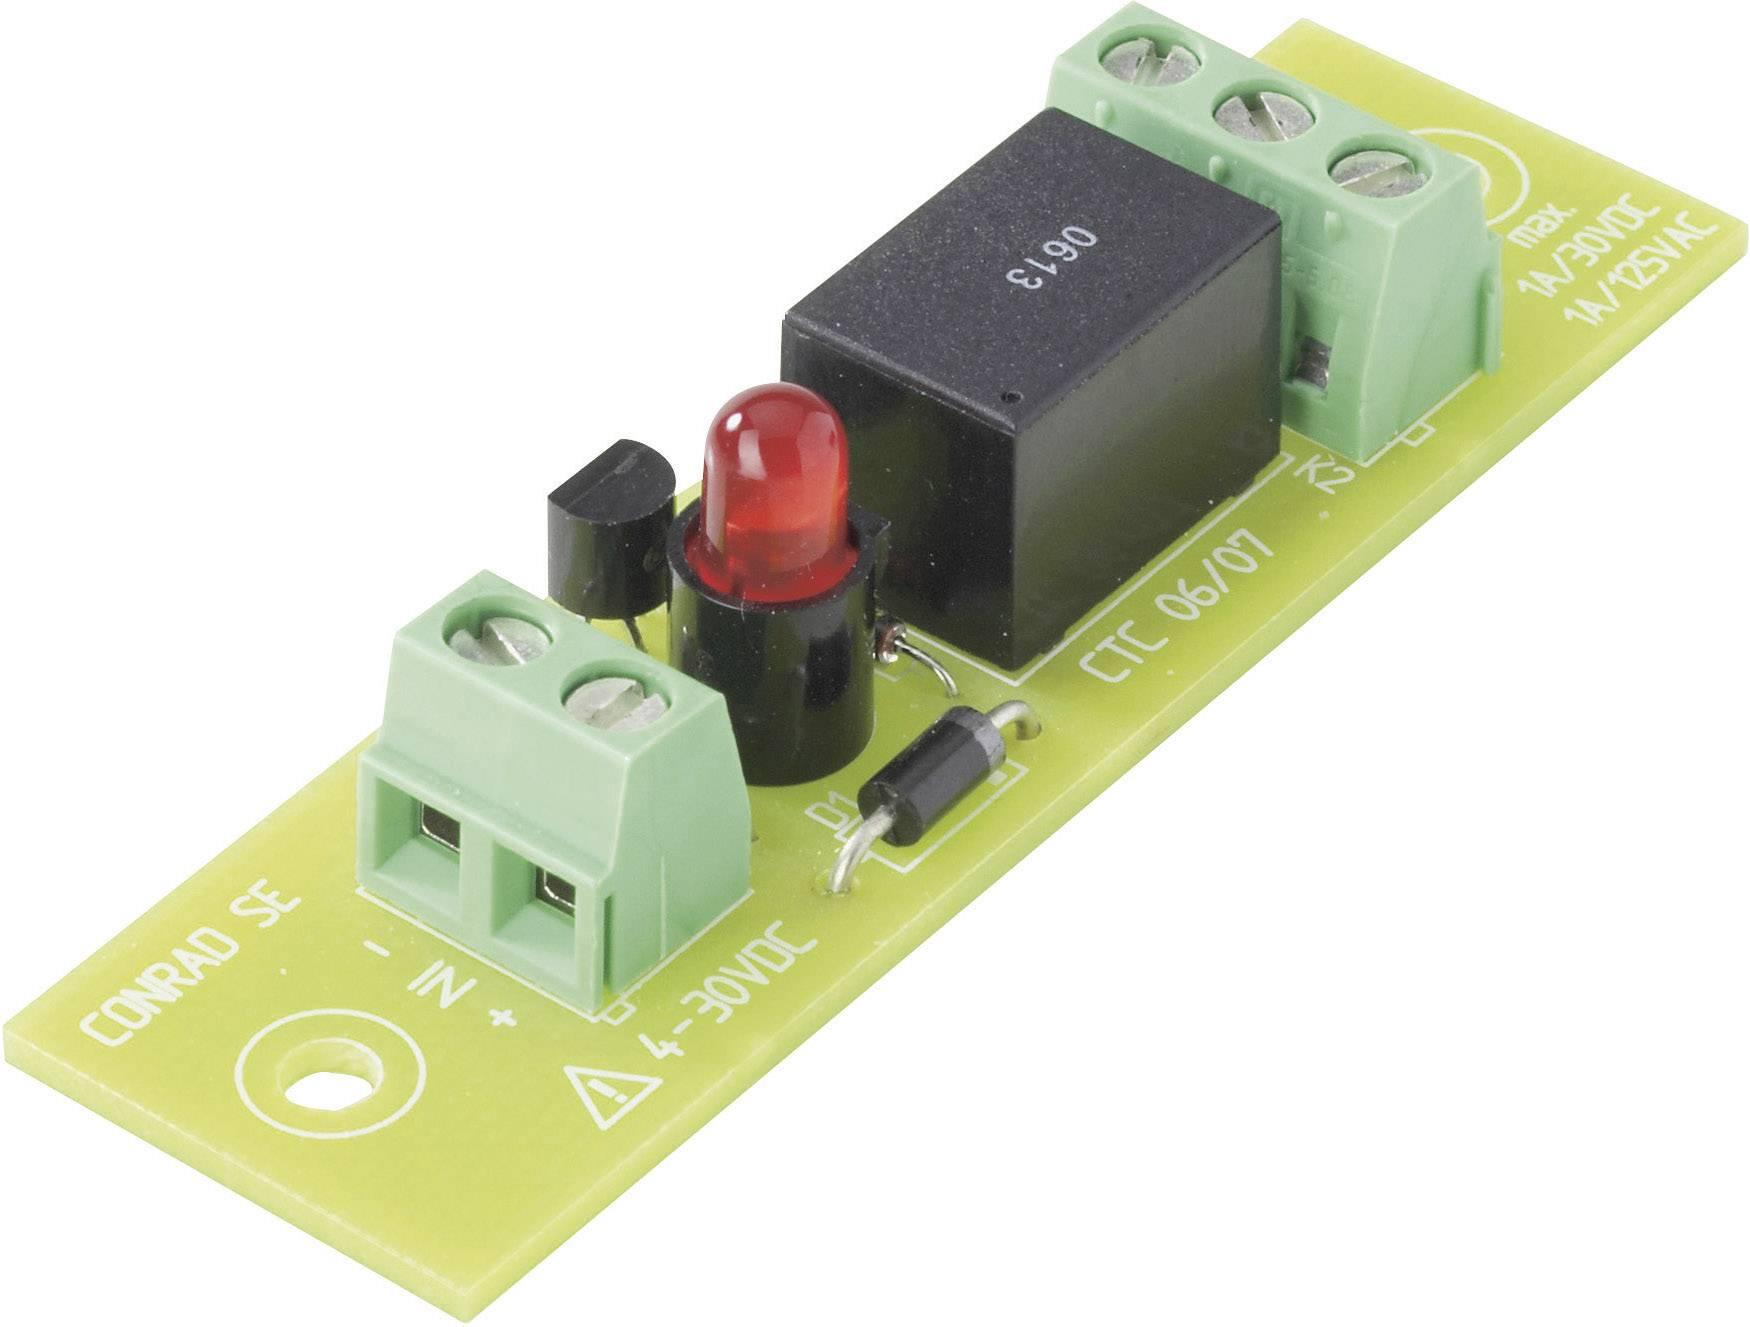 Deska relé REL-PCB4 3, s relé, 24 VDC